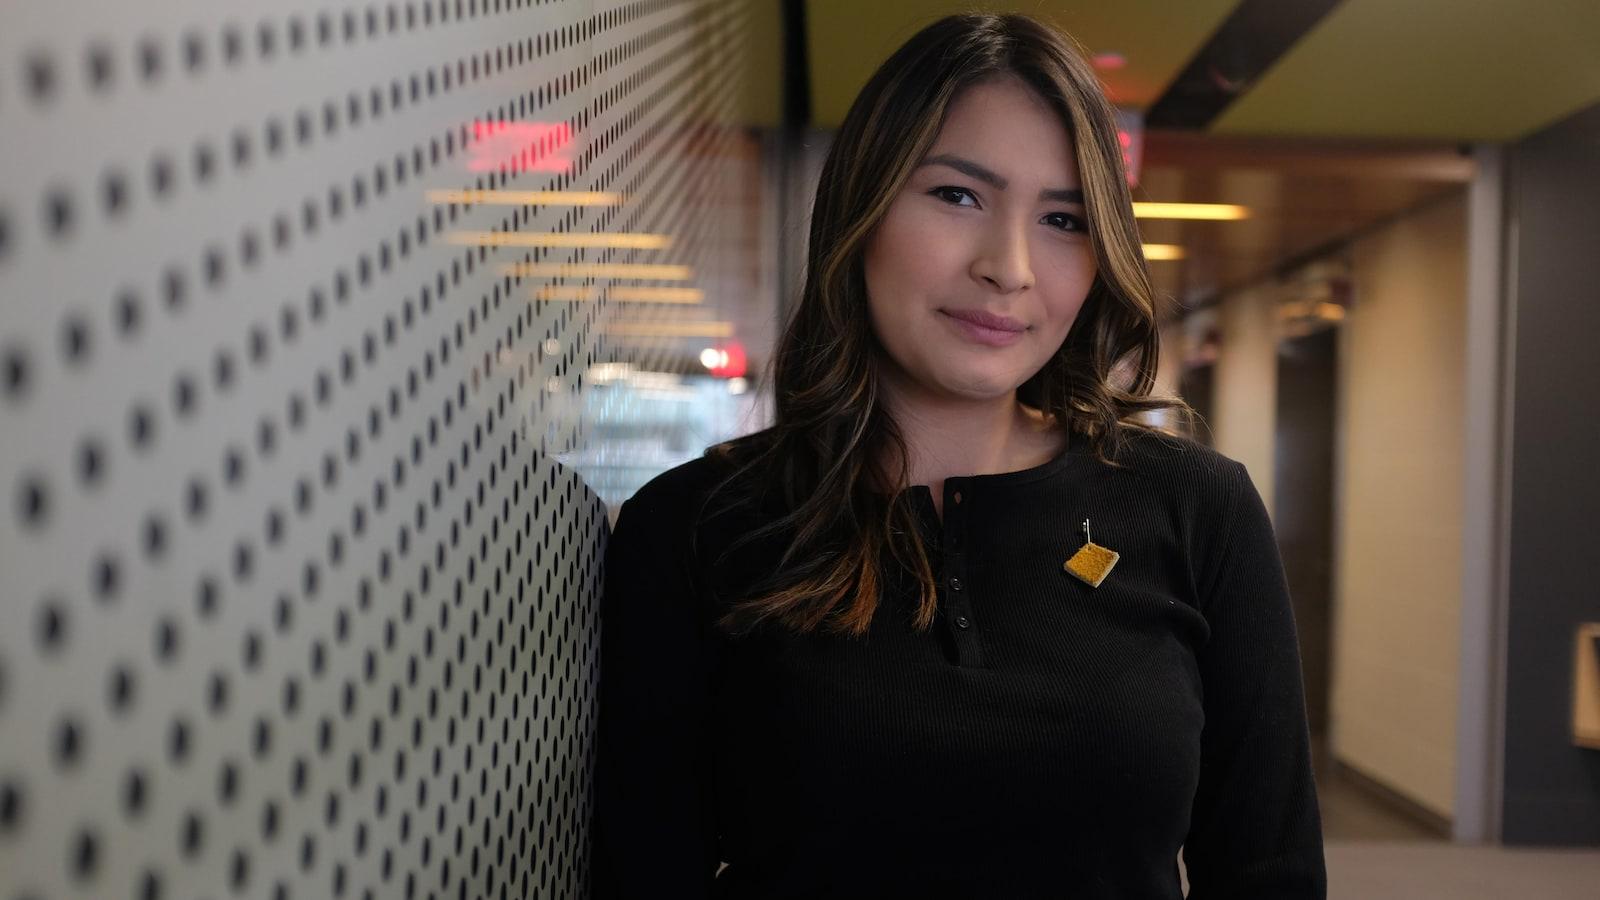 Sage Lacerte, ambassadrice jeunesse de la campagne Moose Hide, pose dans les couloirs de l'Université Concordia, à Montréal